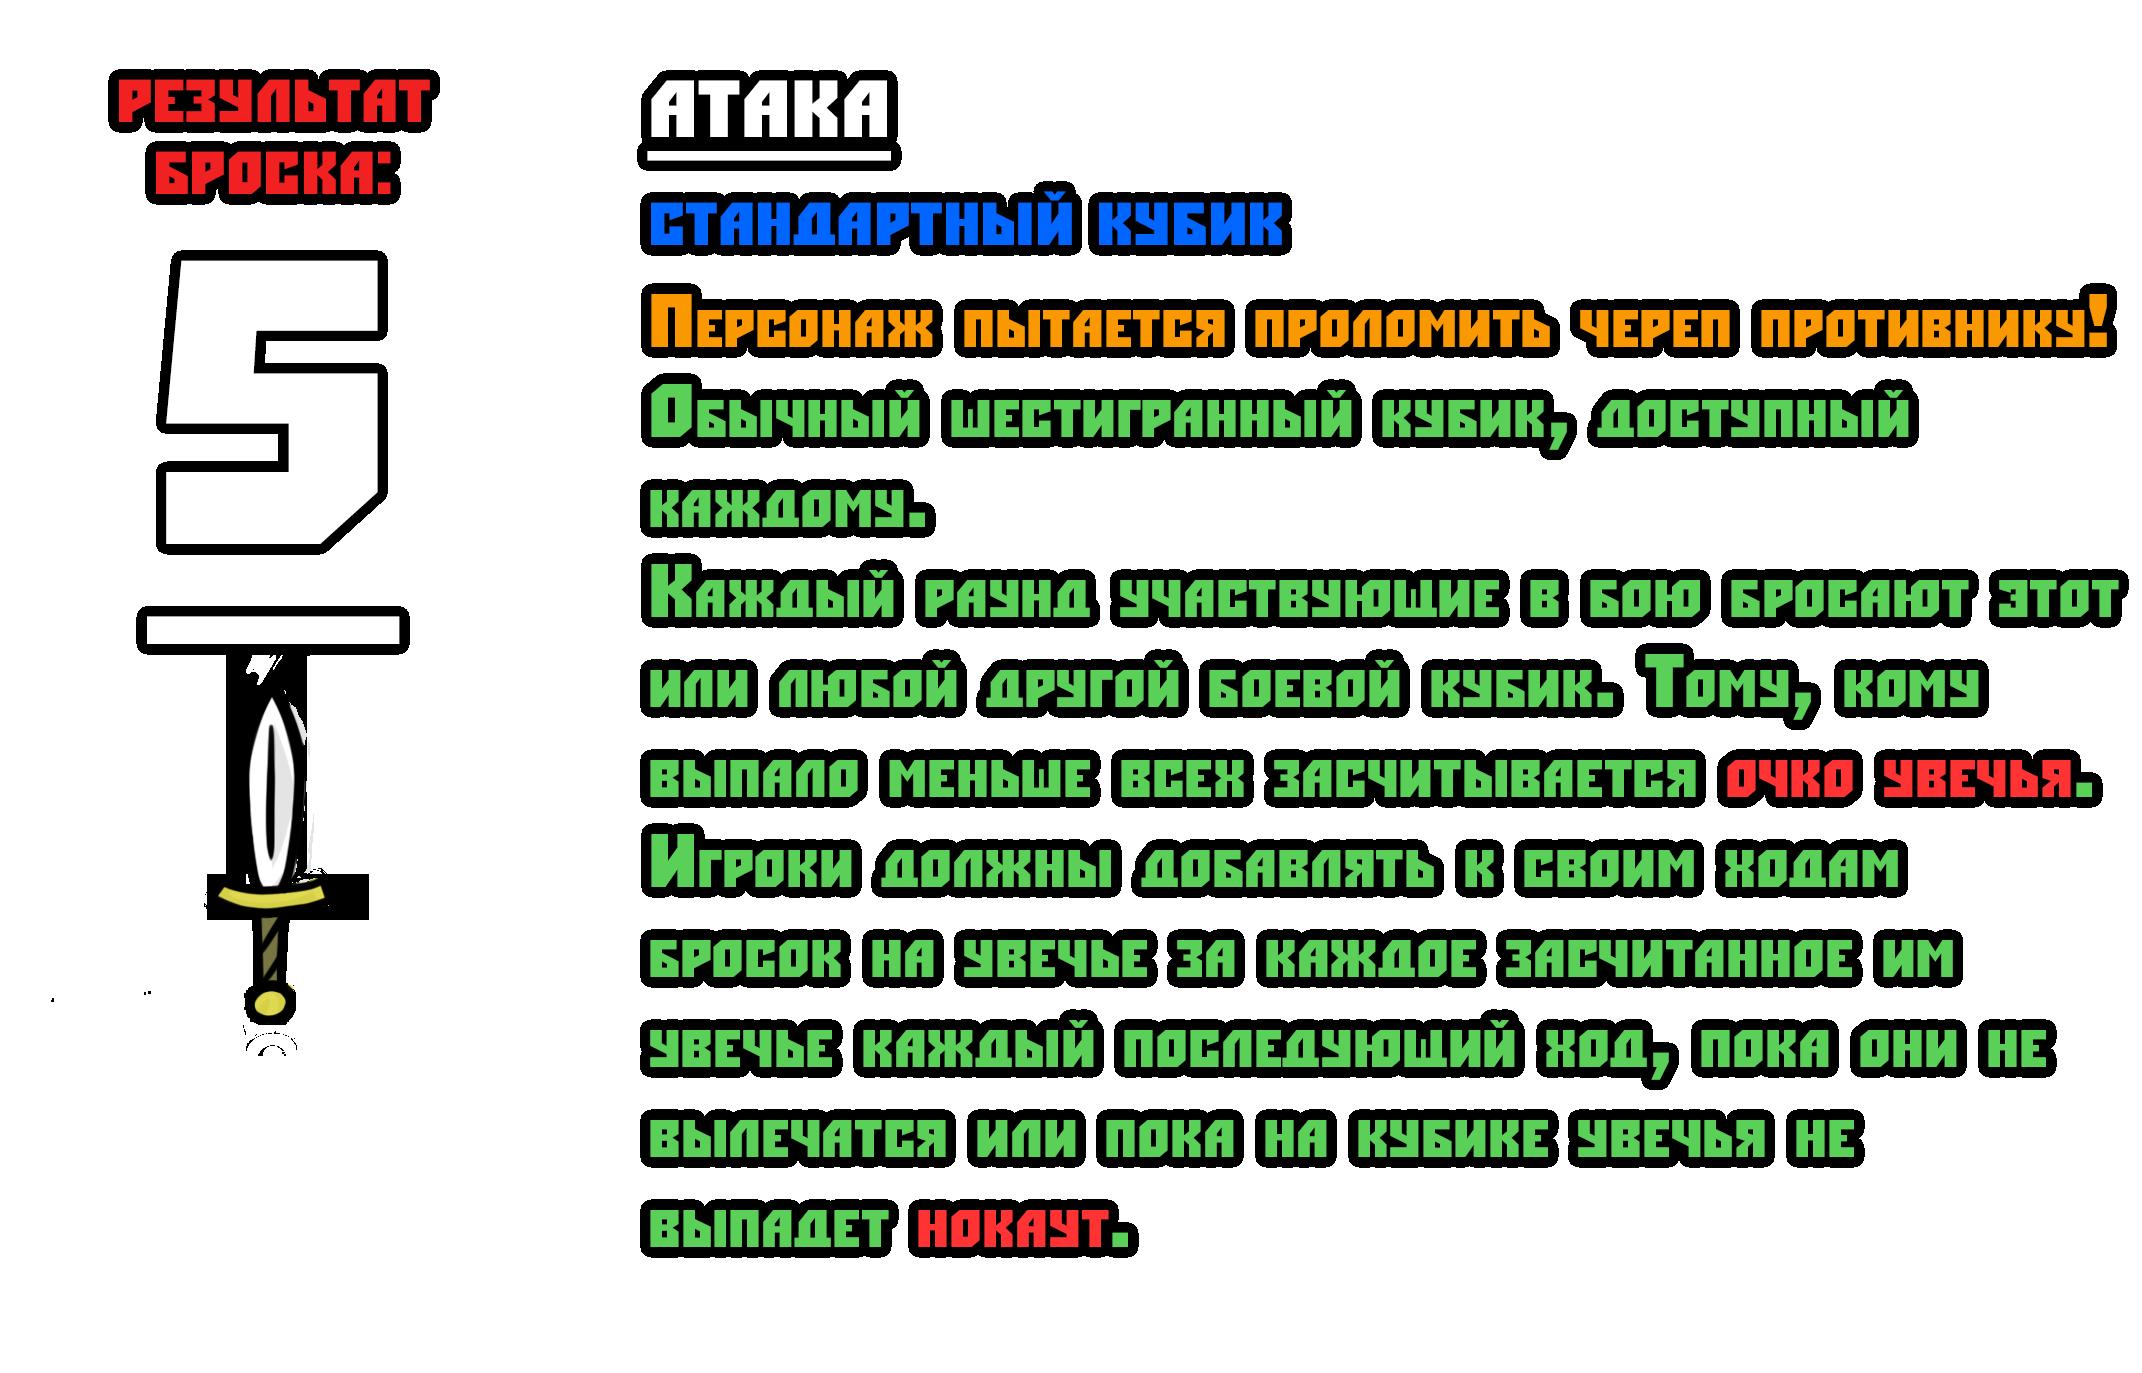 Библиотека Анарха. 5-1